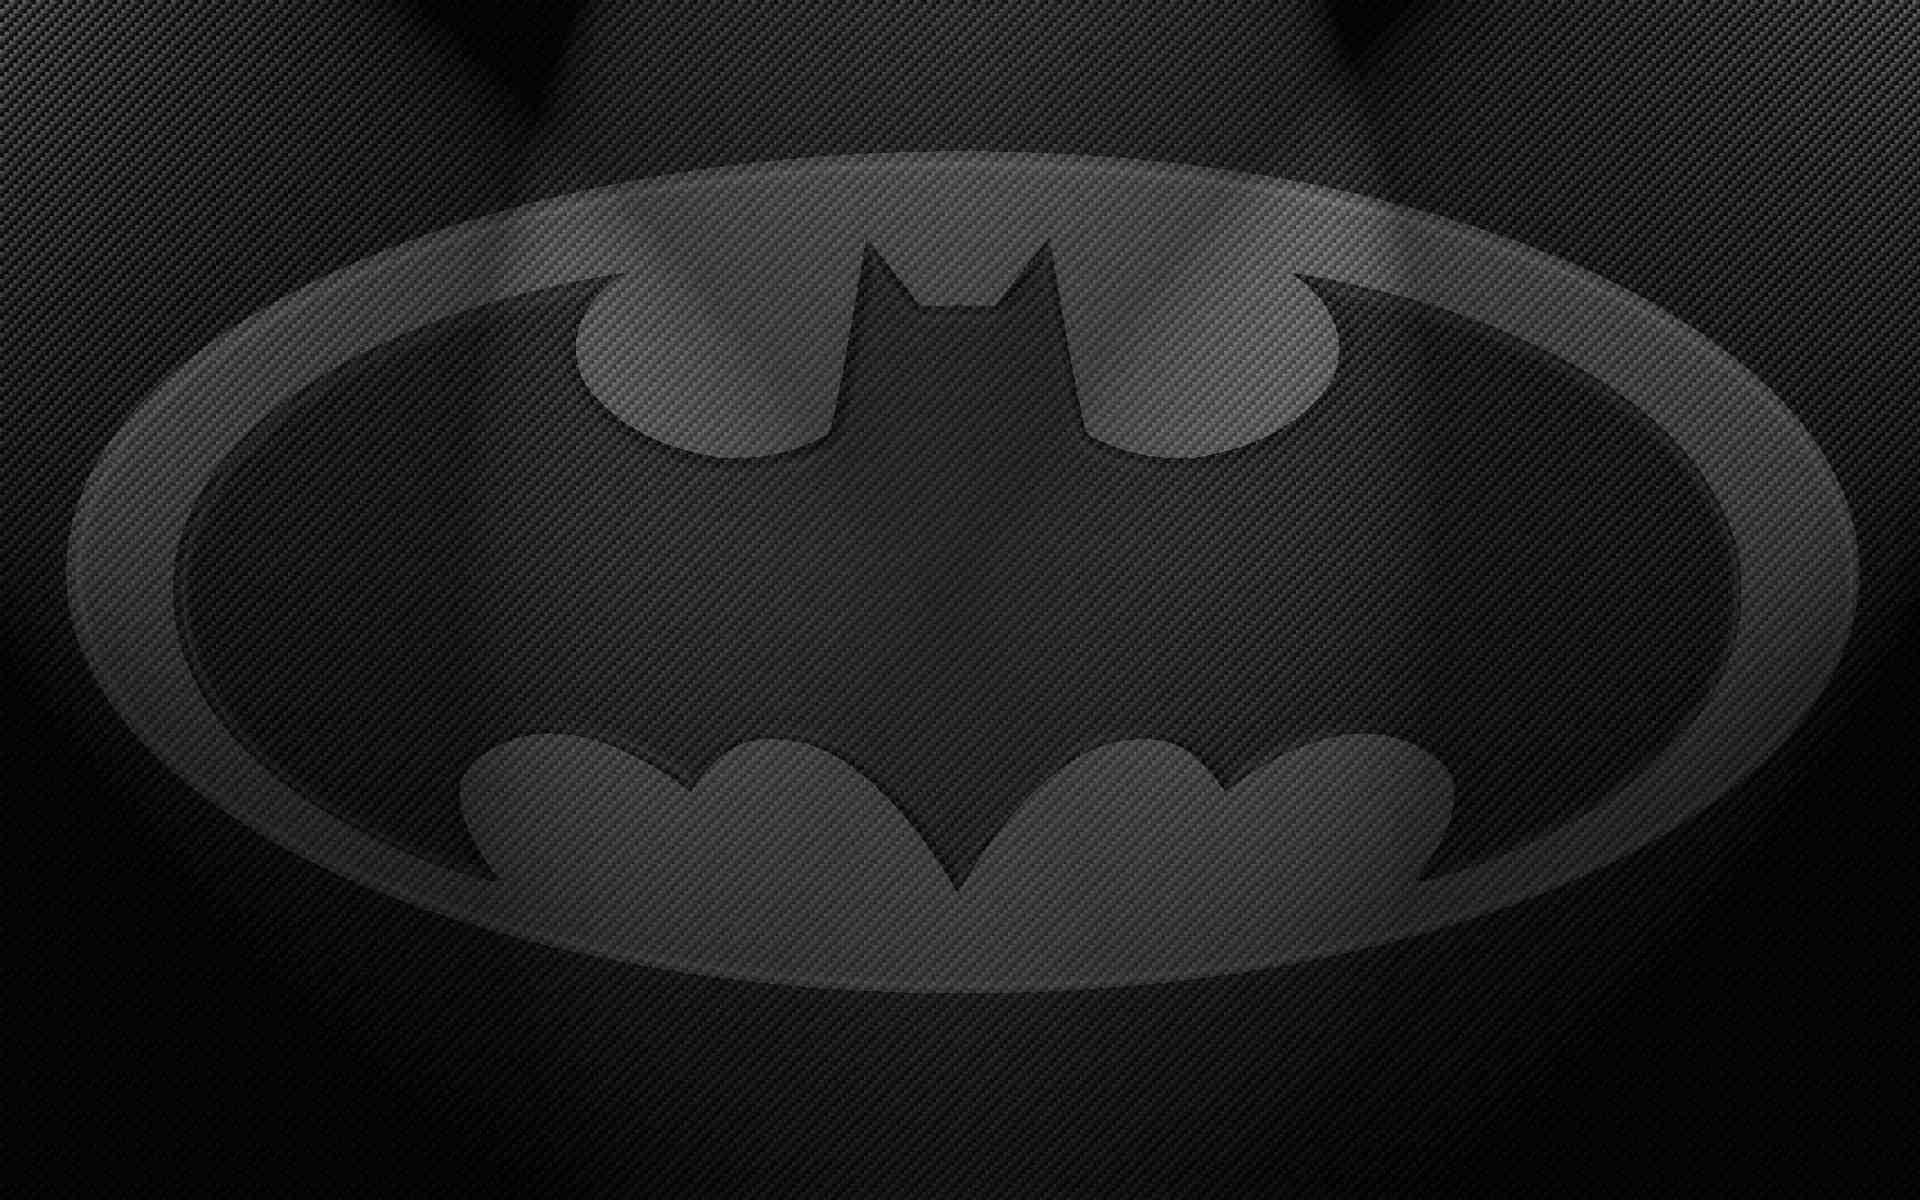 Batman symbol wallpaper hd 67 images 1920x1200 batman v superman logo 2g voltagebd Gallery